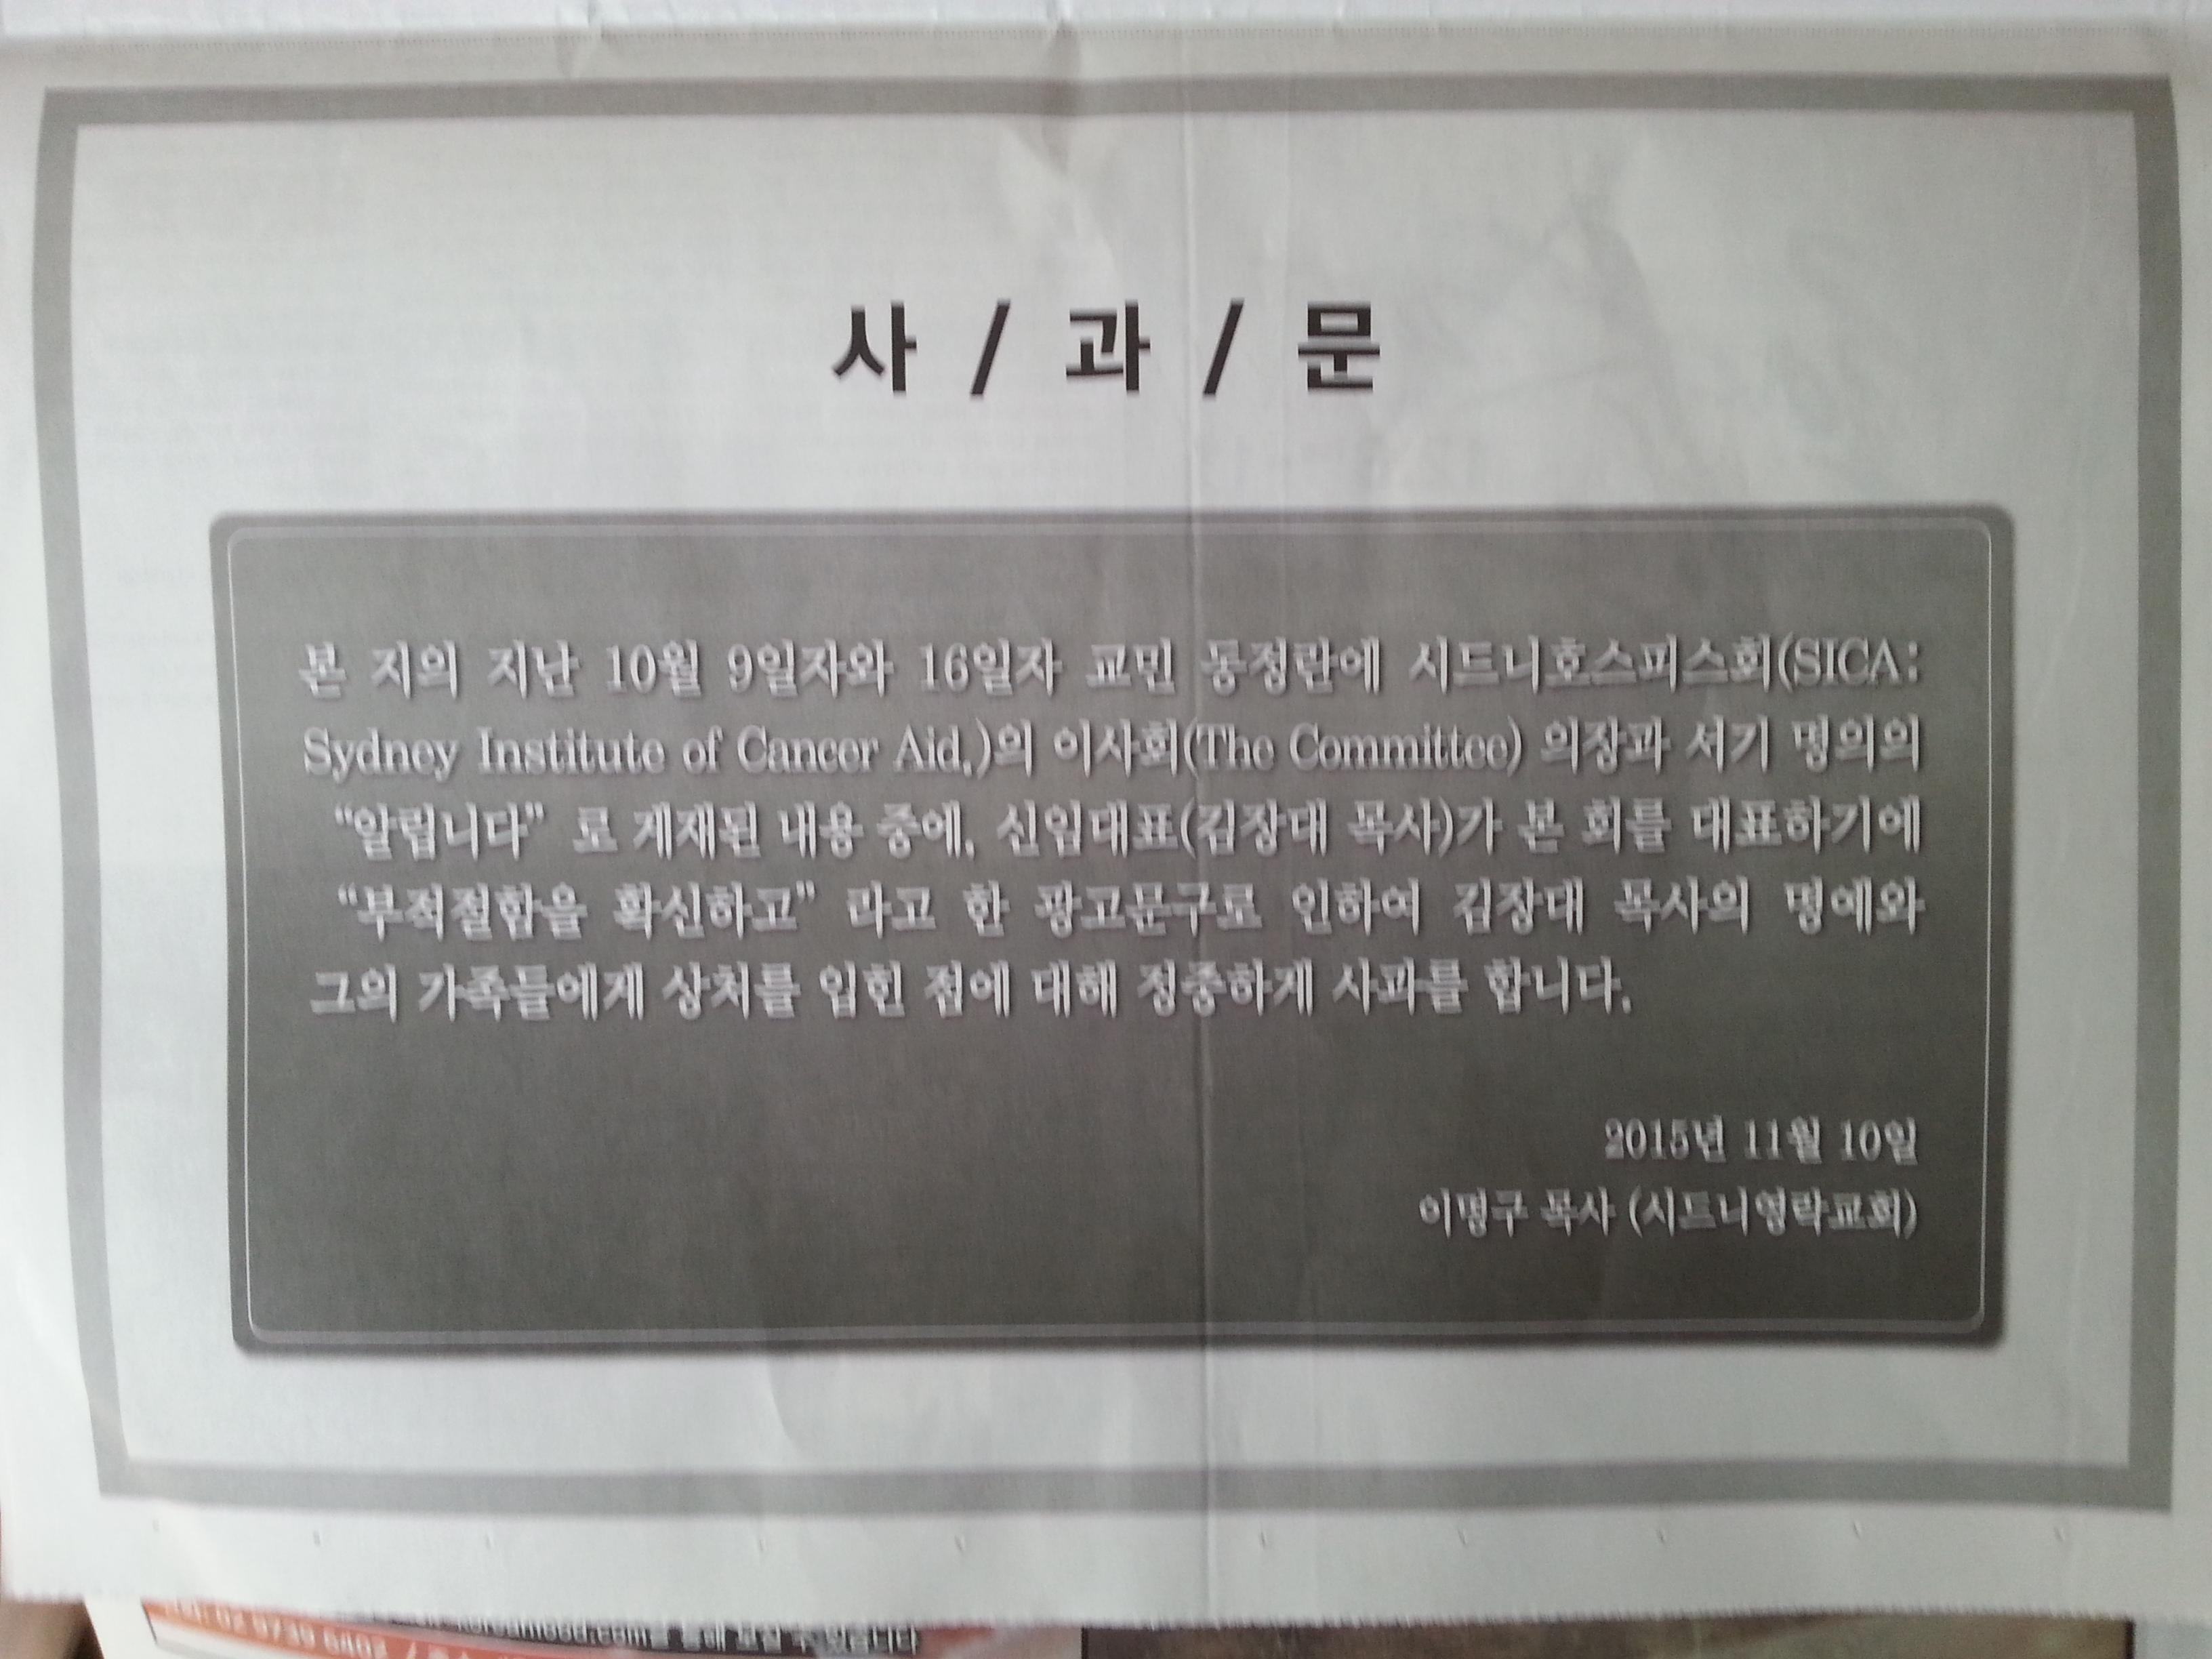 이명구 목사 사과문-호주국민헤럴드 (20151113)